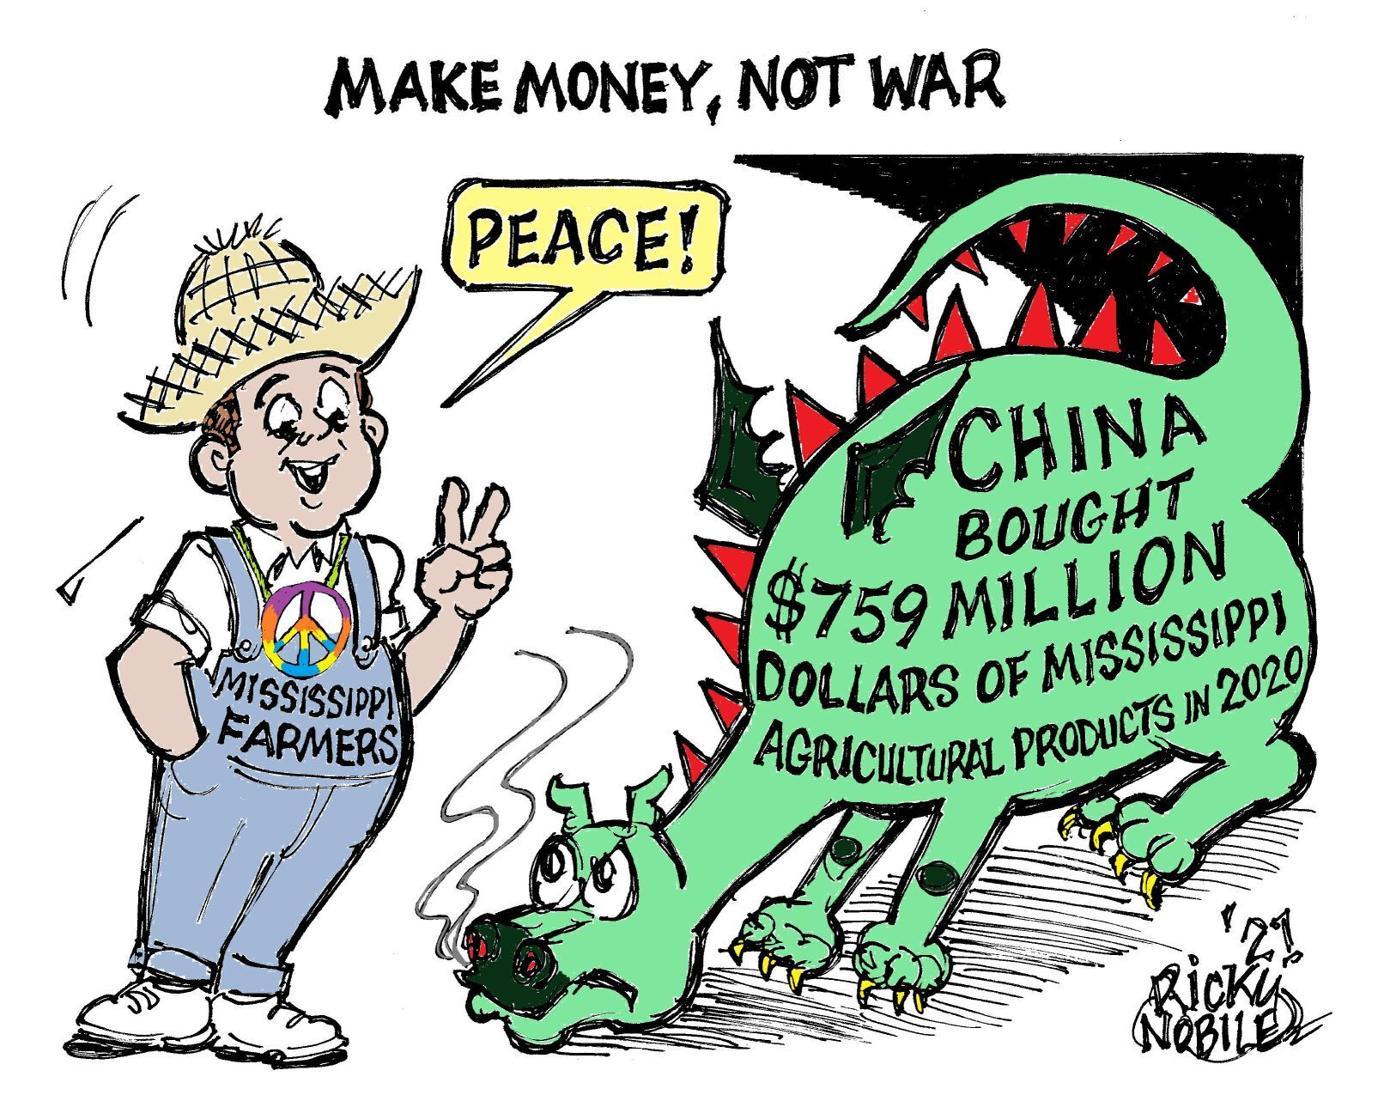 RICKY NOBILE: Make money, not war